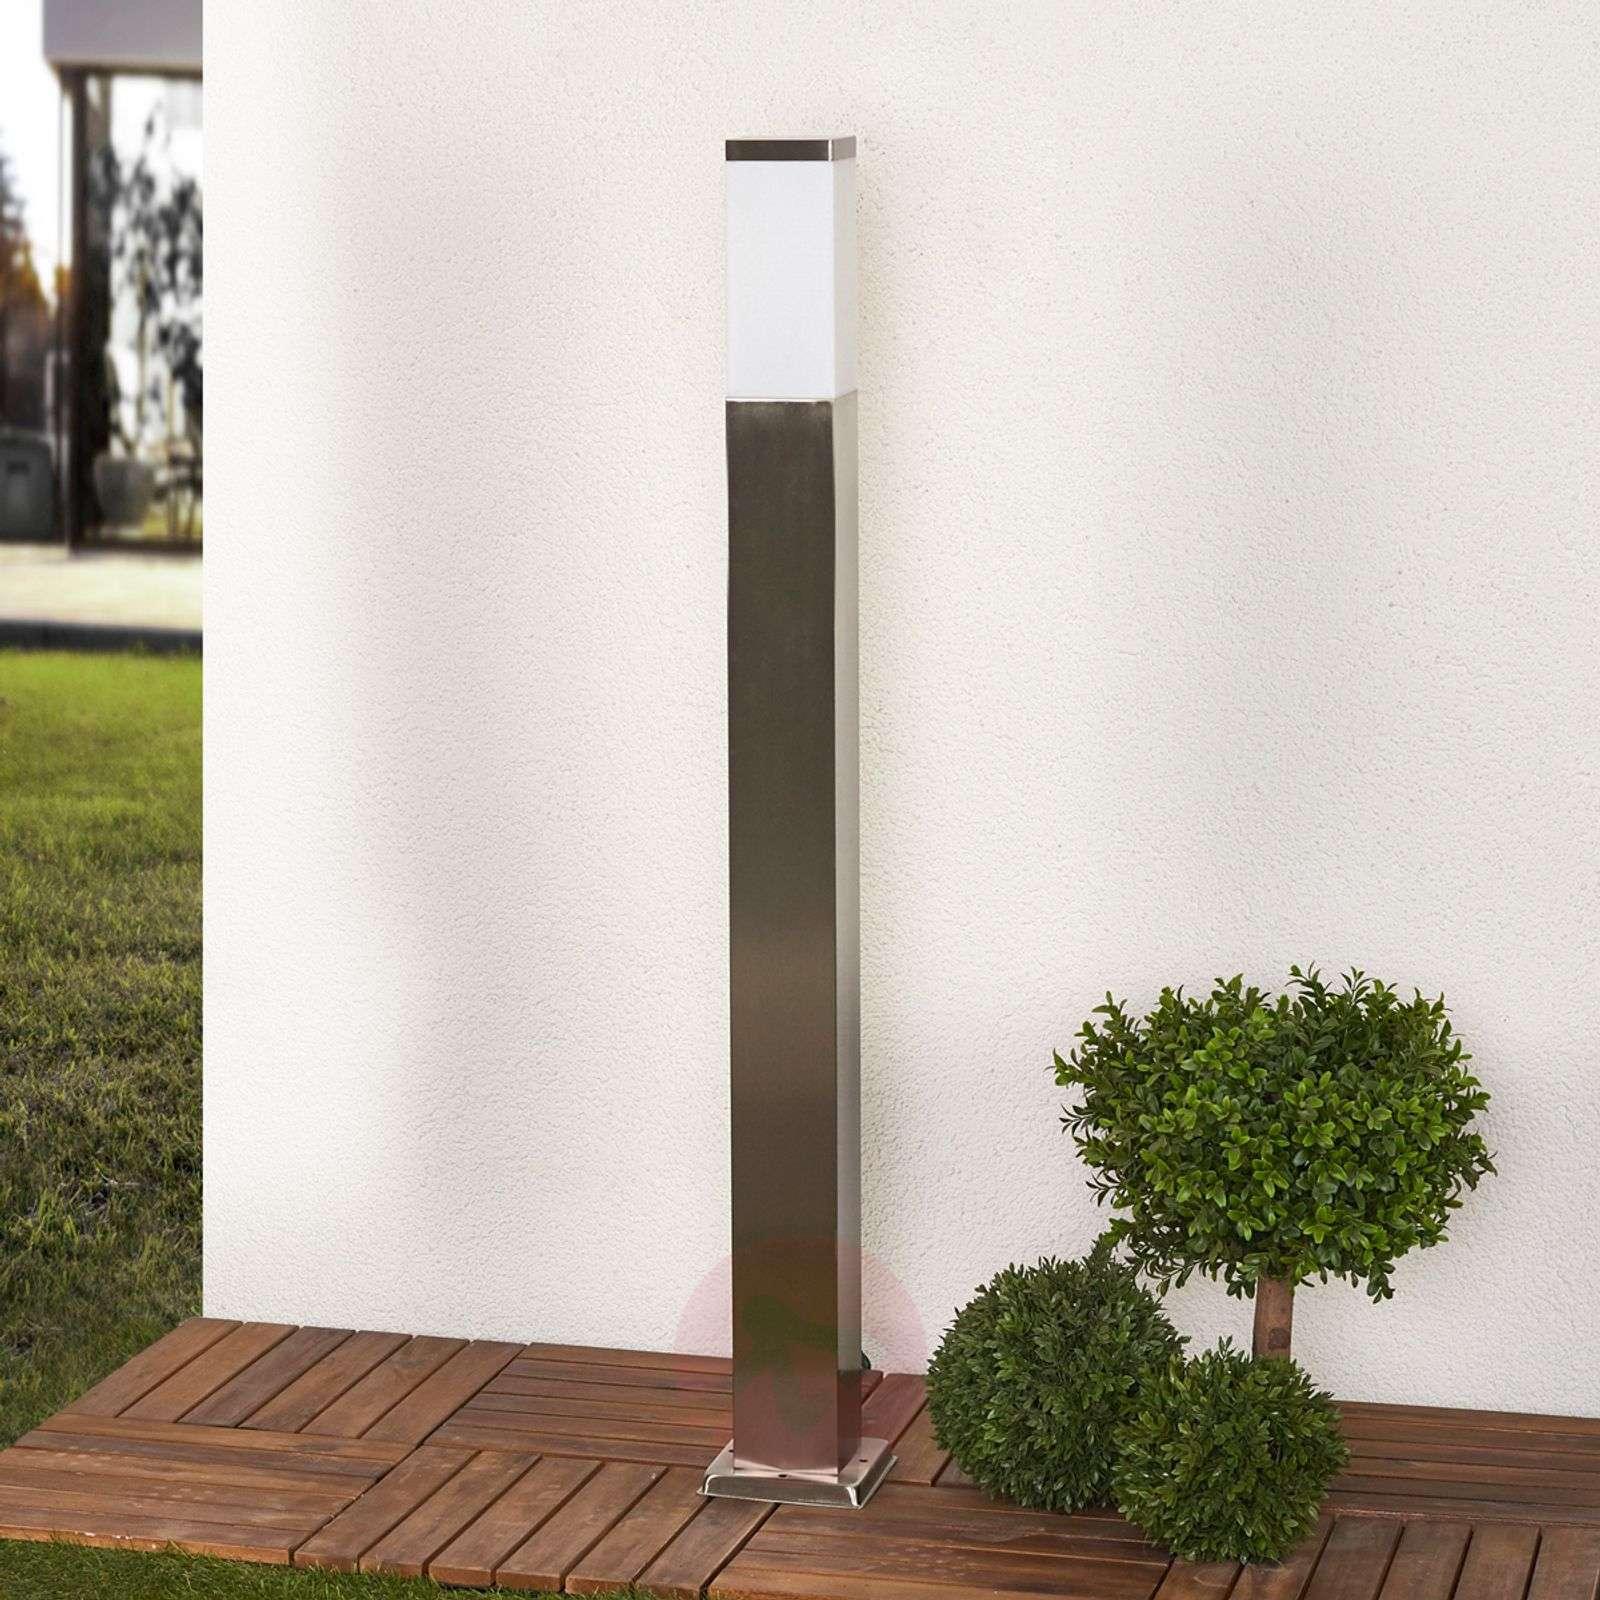 Rectangular stainless steel bollard light Lorian-9972065-03